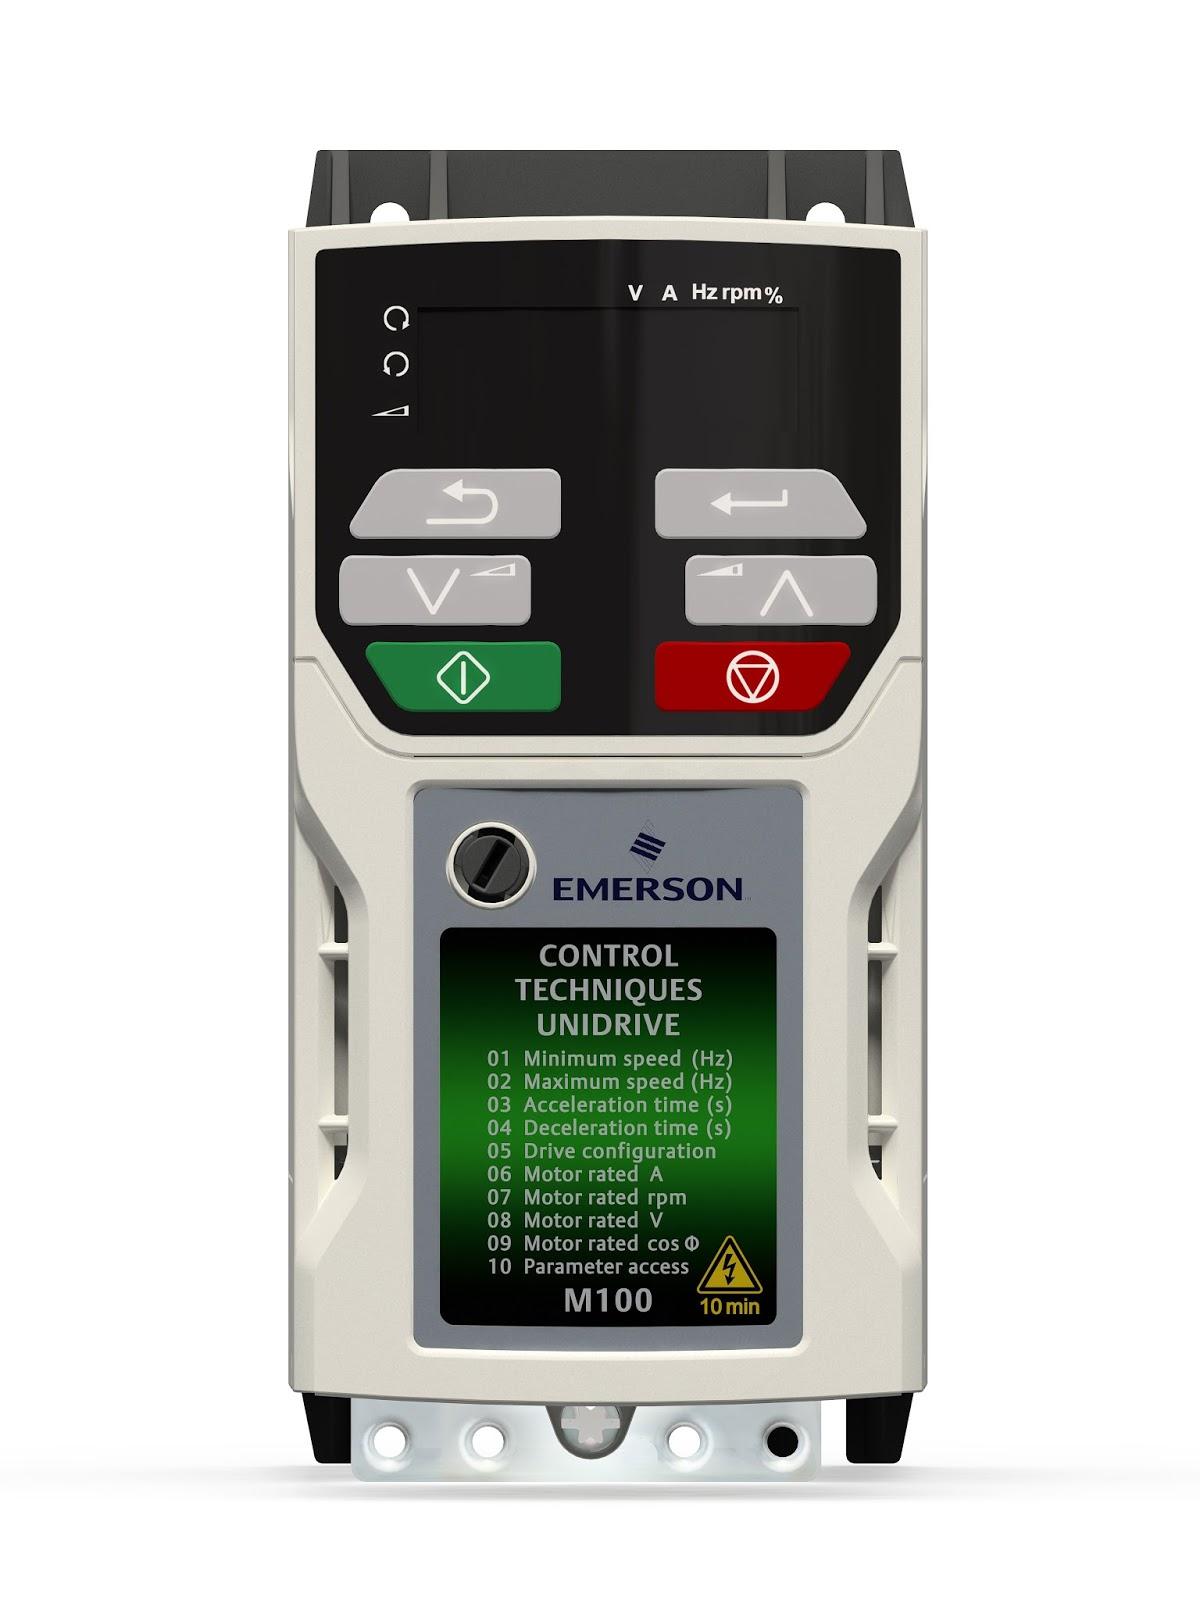 Automation Jaya Jual Inverter Emerson Unidrive Ready Stock